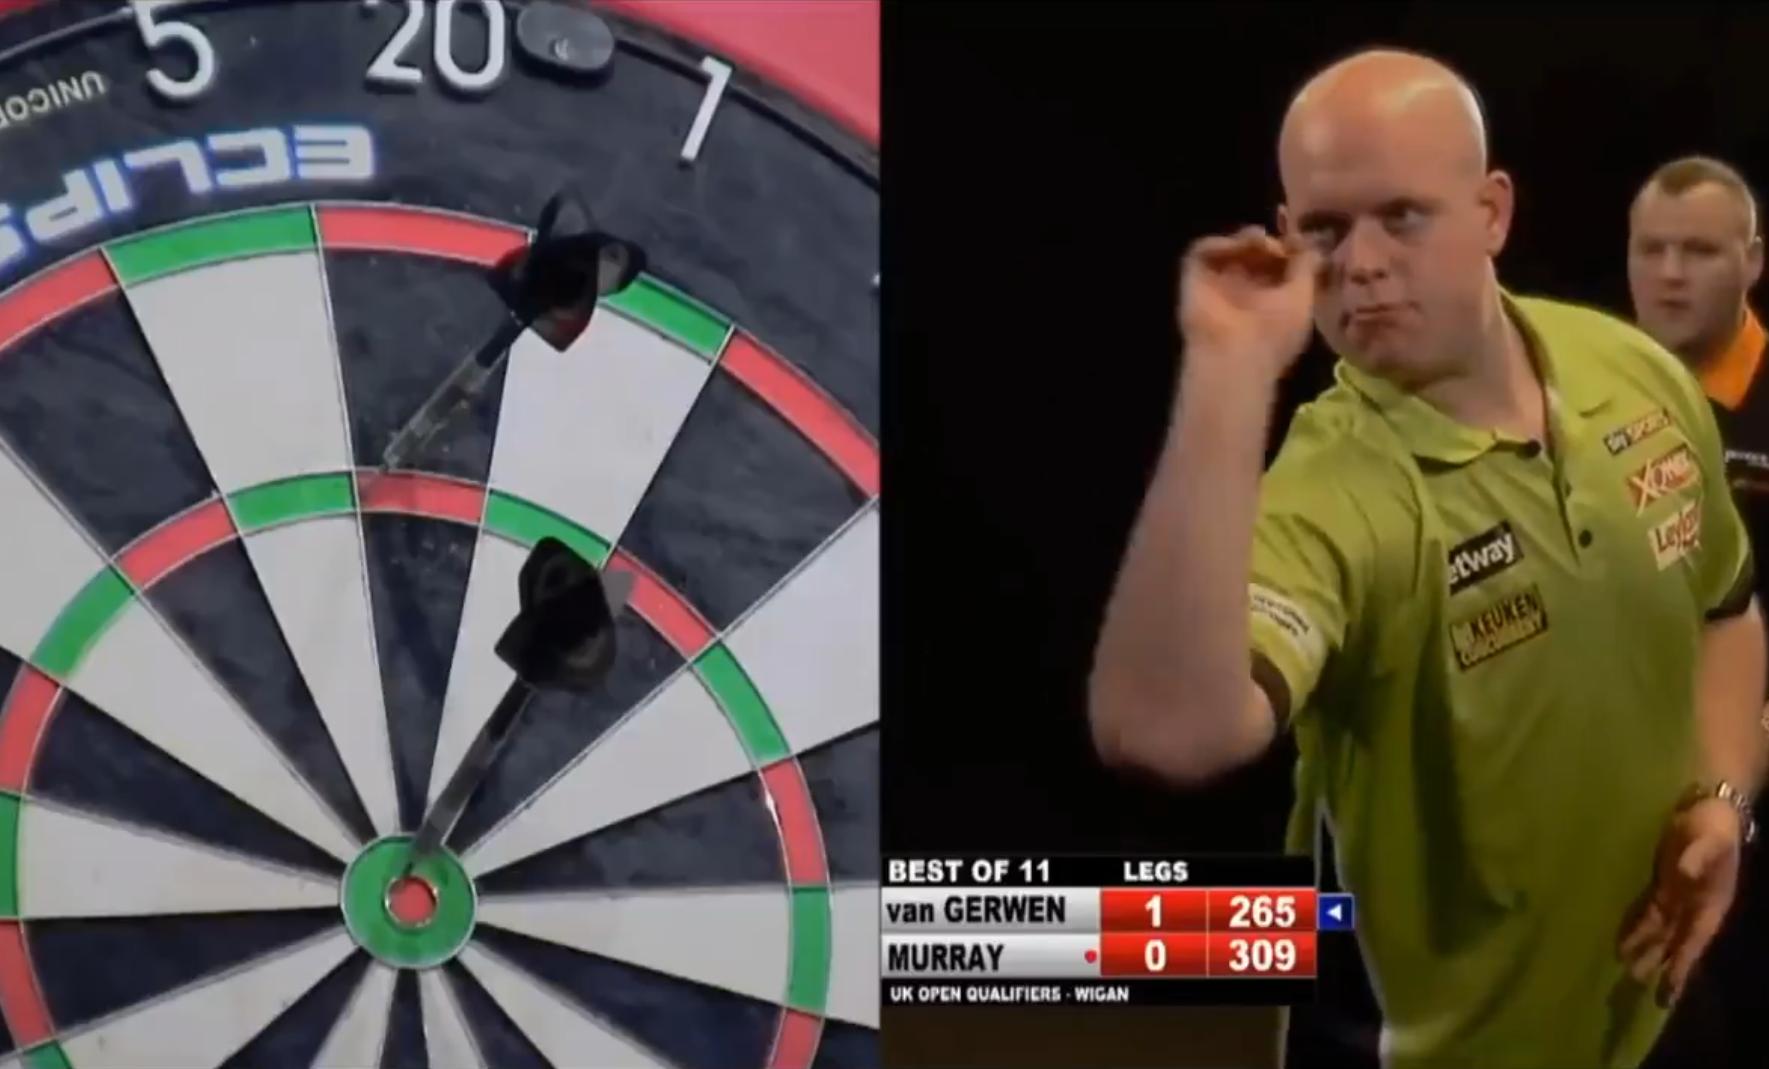 Van Gerwen Shows Most Incredible Darts Ever Seen From 265